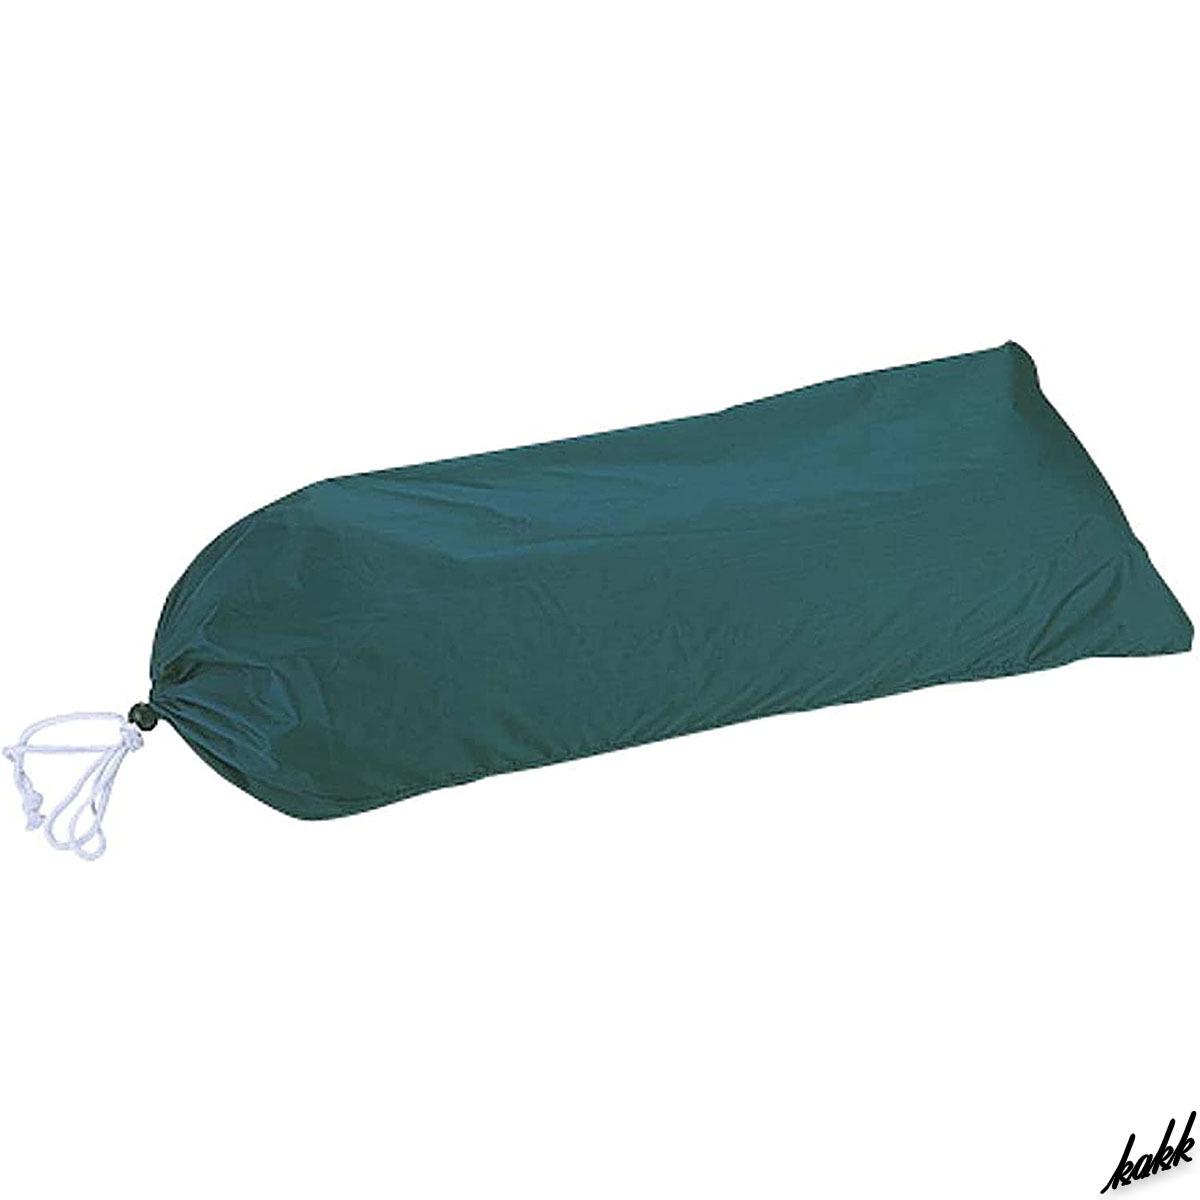 【アウトドア入門にお勧め】 クレセントドームテント ドーム型 3人用 軽量 コンパクト アウトドア レジャー キャンプ 簡単設営